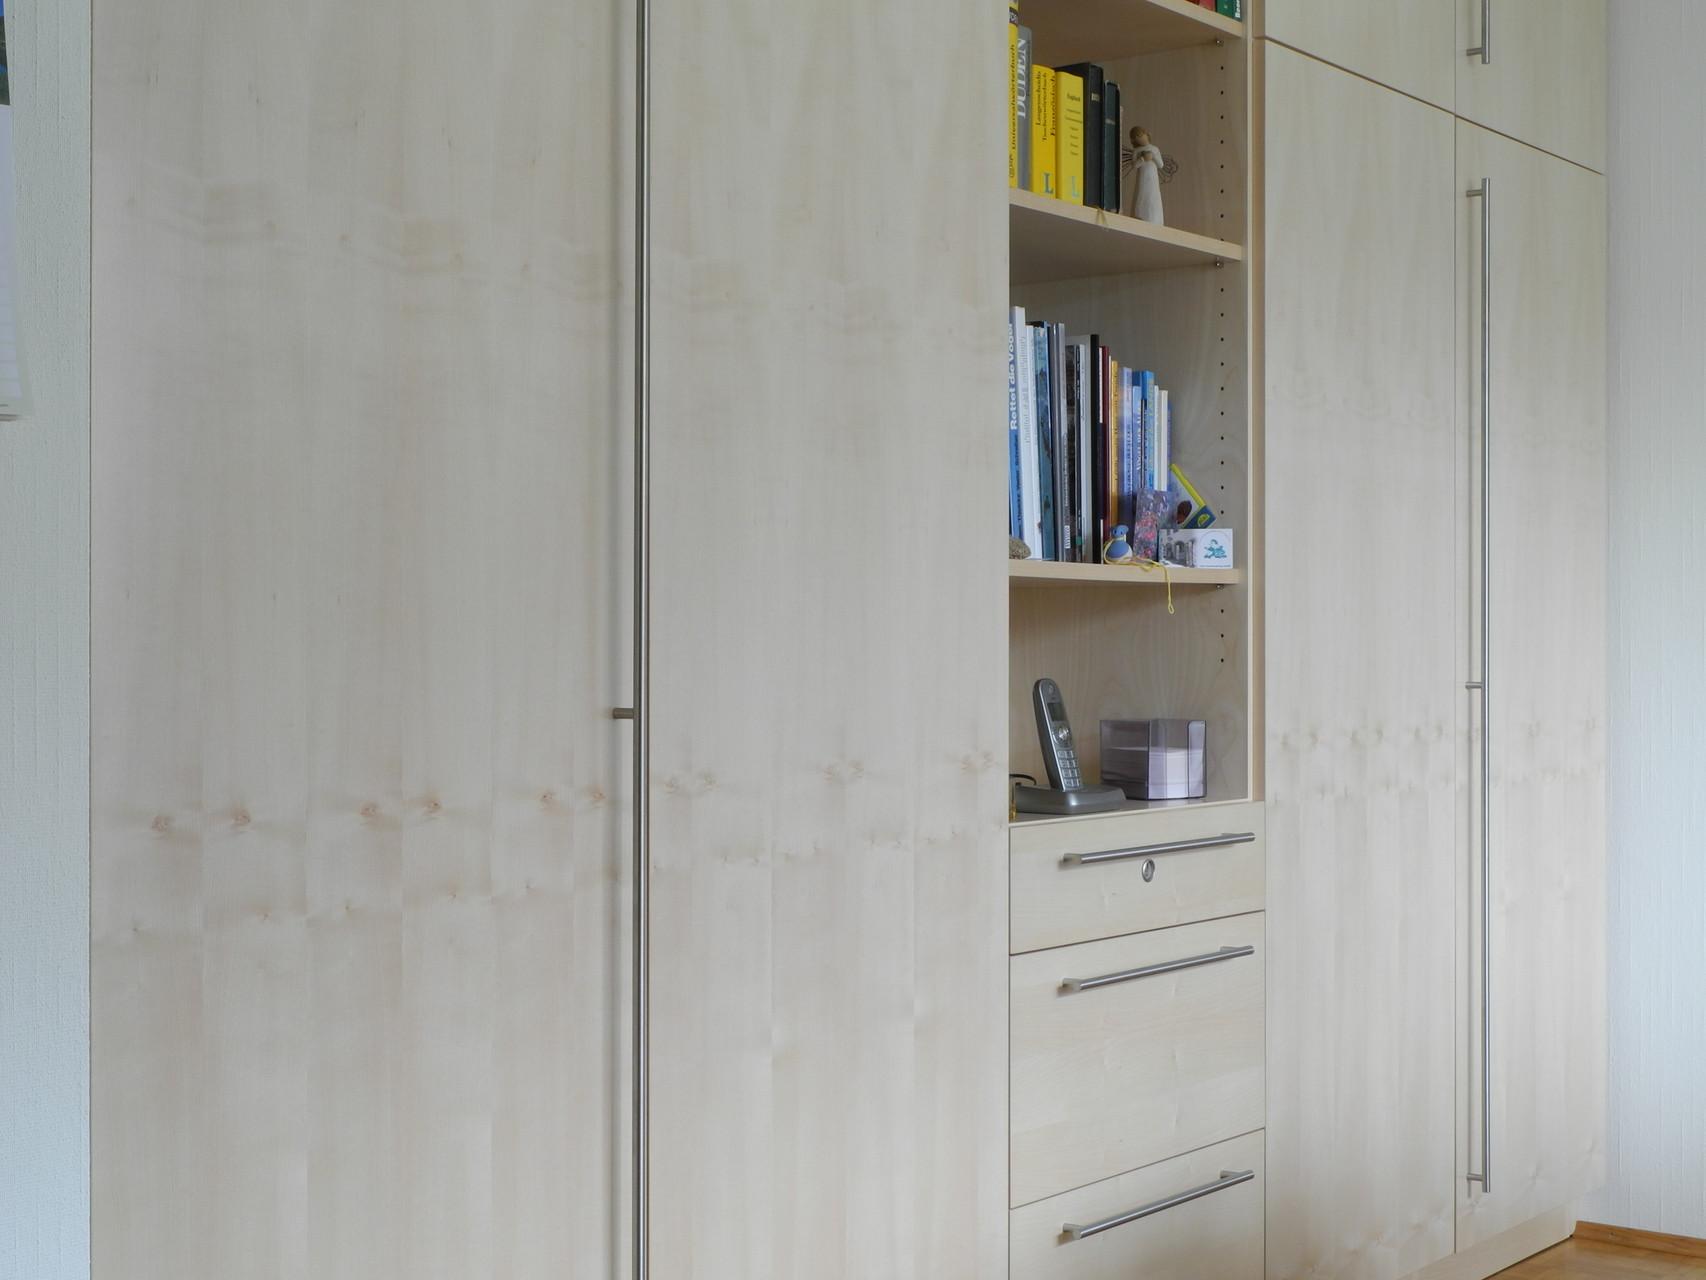 Rückseite der Auszugsschränke in Wanddurchbrüchen, Schrankwand in einem Esszimmer